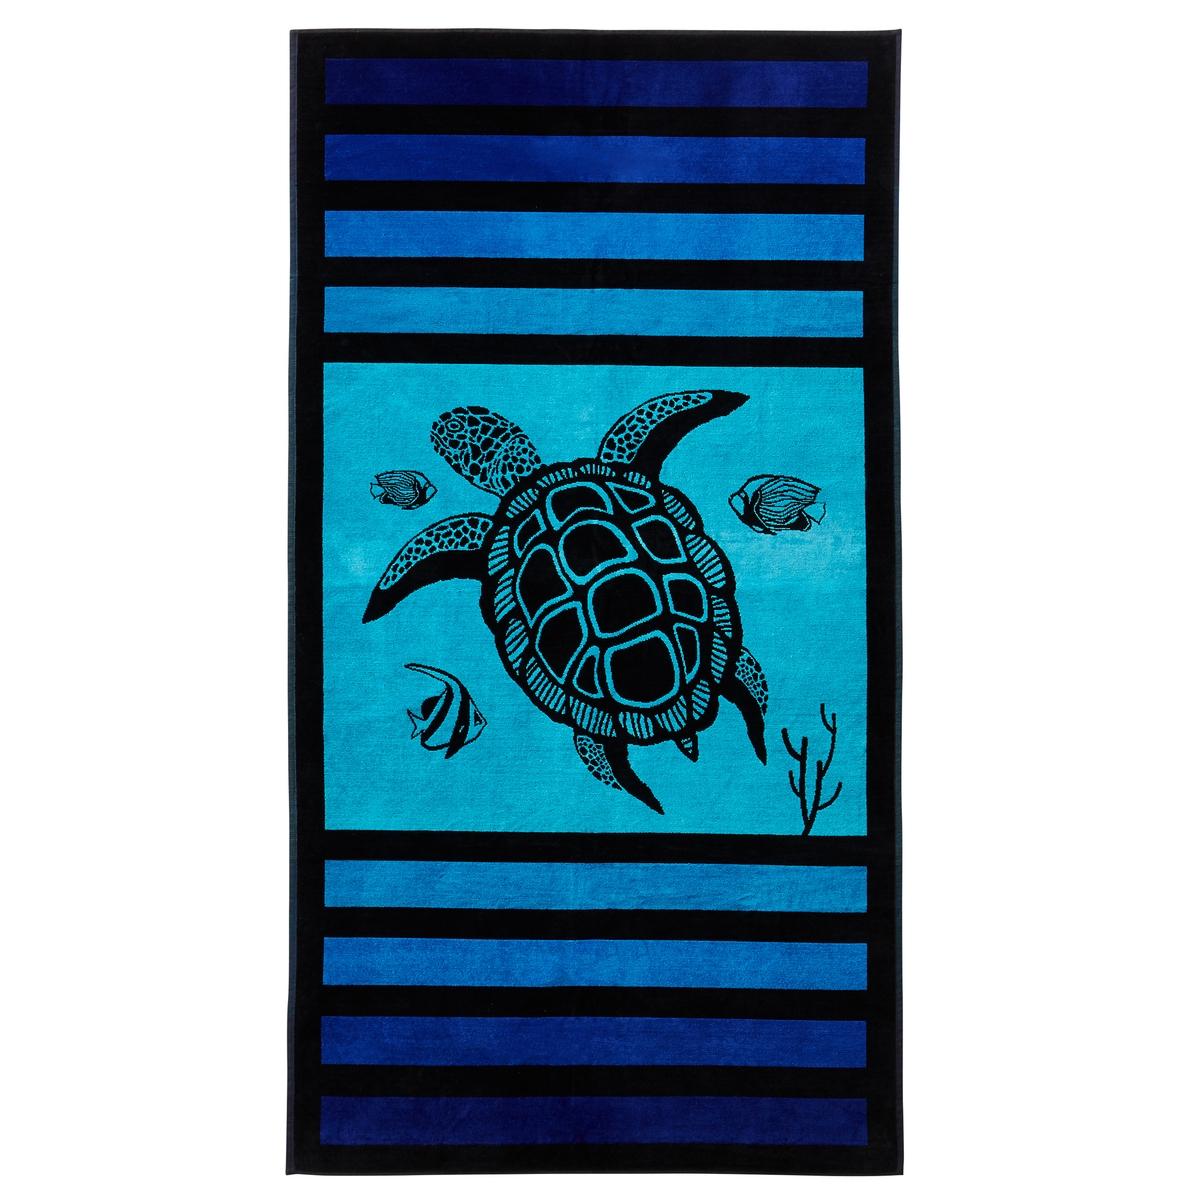 Полотенце пляжное SandyПолотенце пляжное из велюра с жаккардовым рисункомХарактеристики пляжного полотенца Sandy :Махровая ткань из велюра с жаккардовым рисунком, 100% хлопок.440 г/м?.Машинная стирка при 60 °С.Размеры пляжного полотенца Sandy :95 x 175 см<br><br>Цвет: розовый,синий